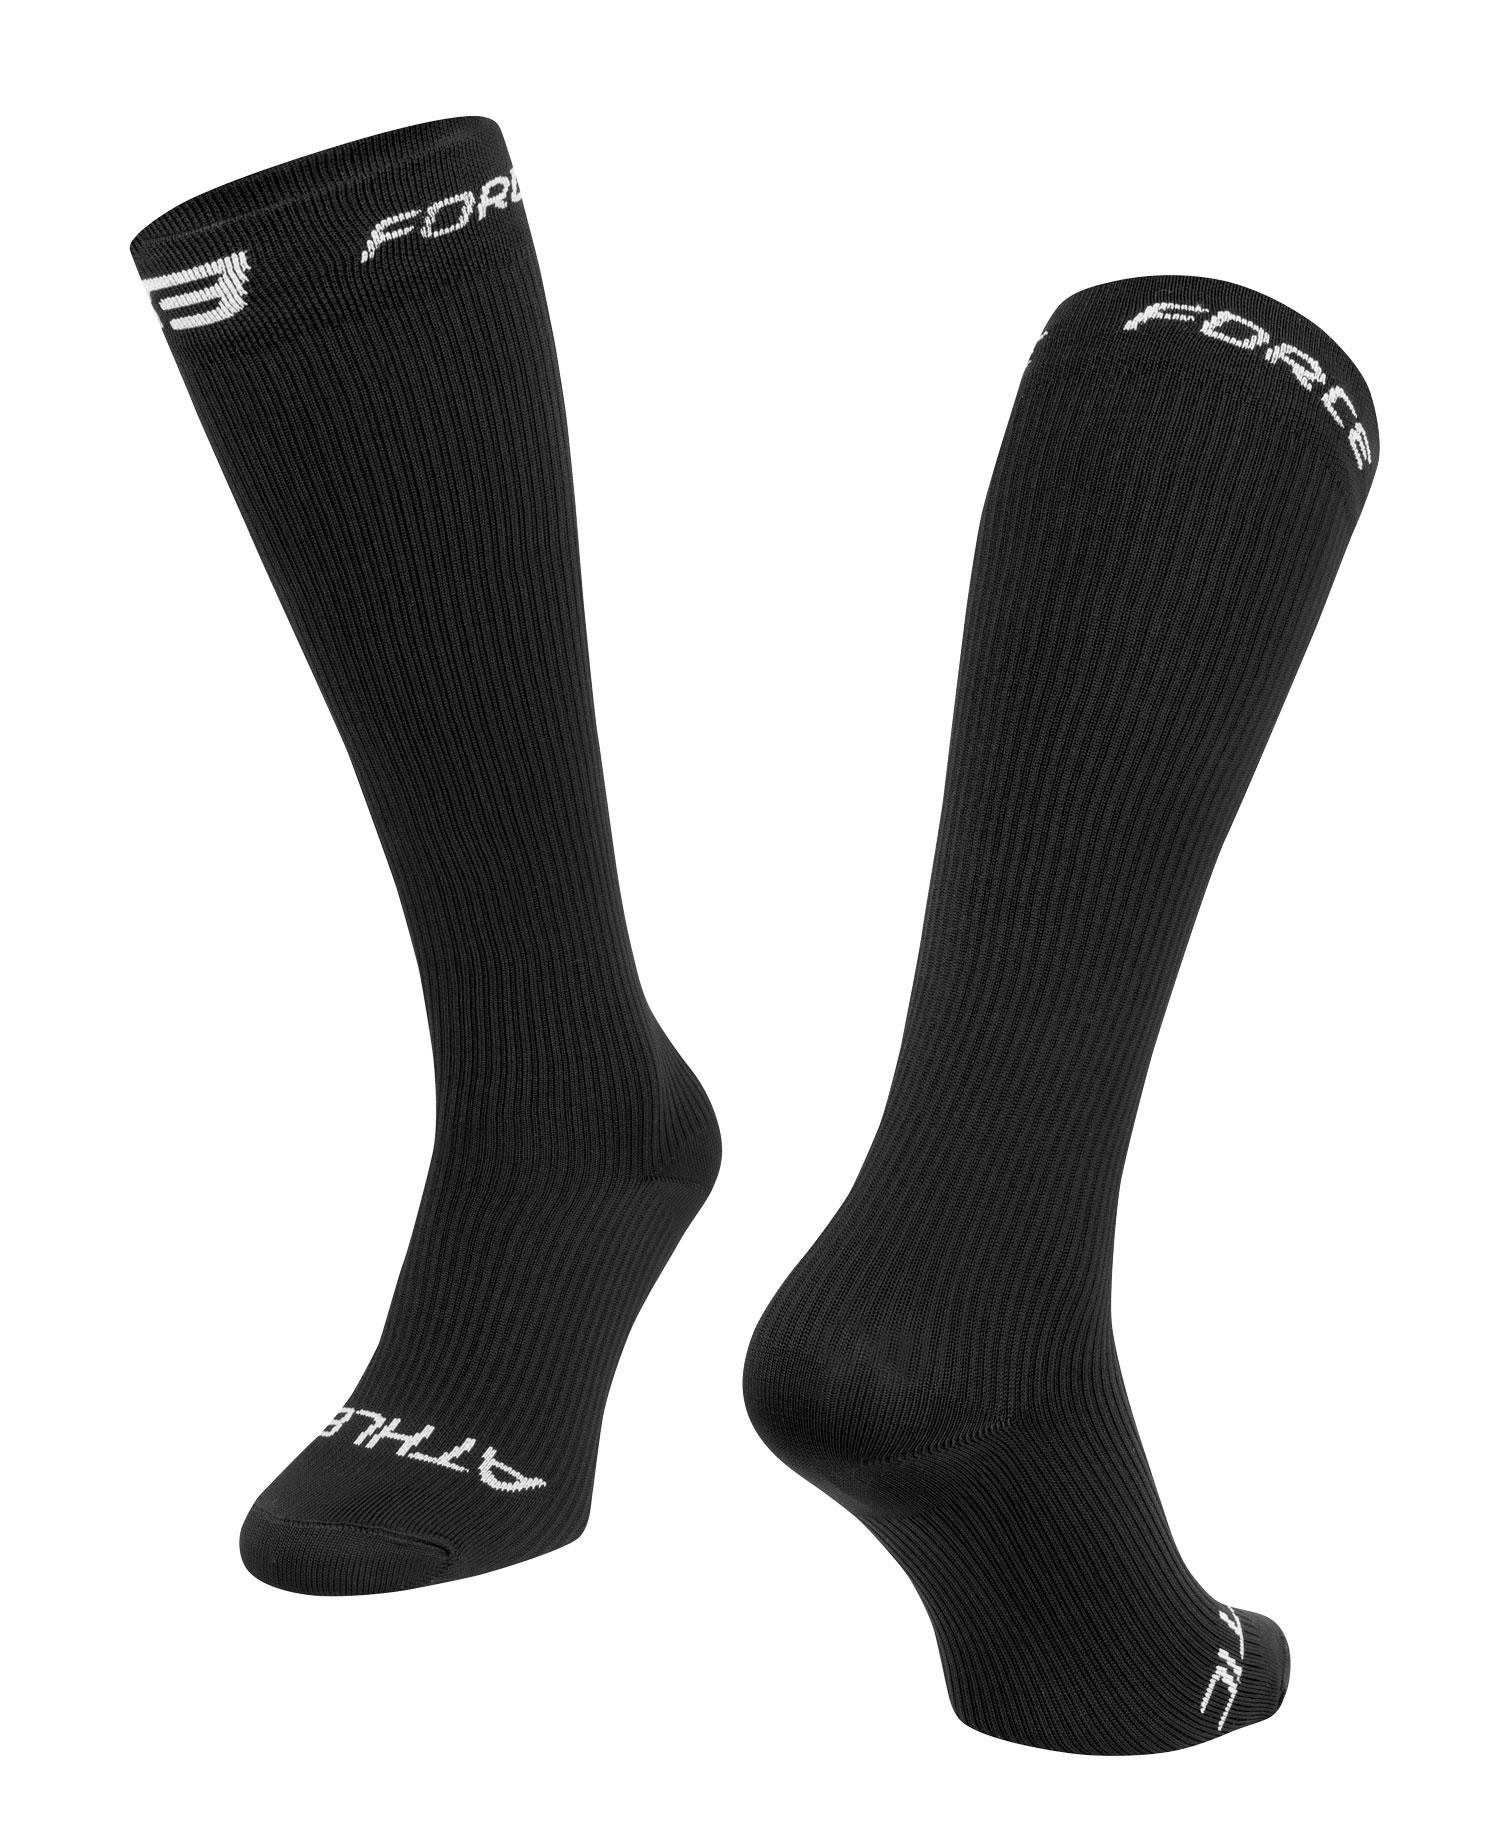 ponožky FORCE ATHLETIC KOMPRESNÍ, černé L-XL